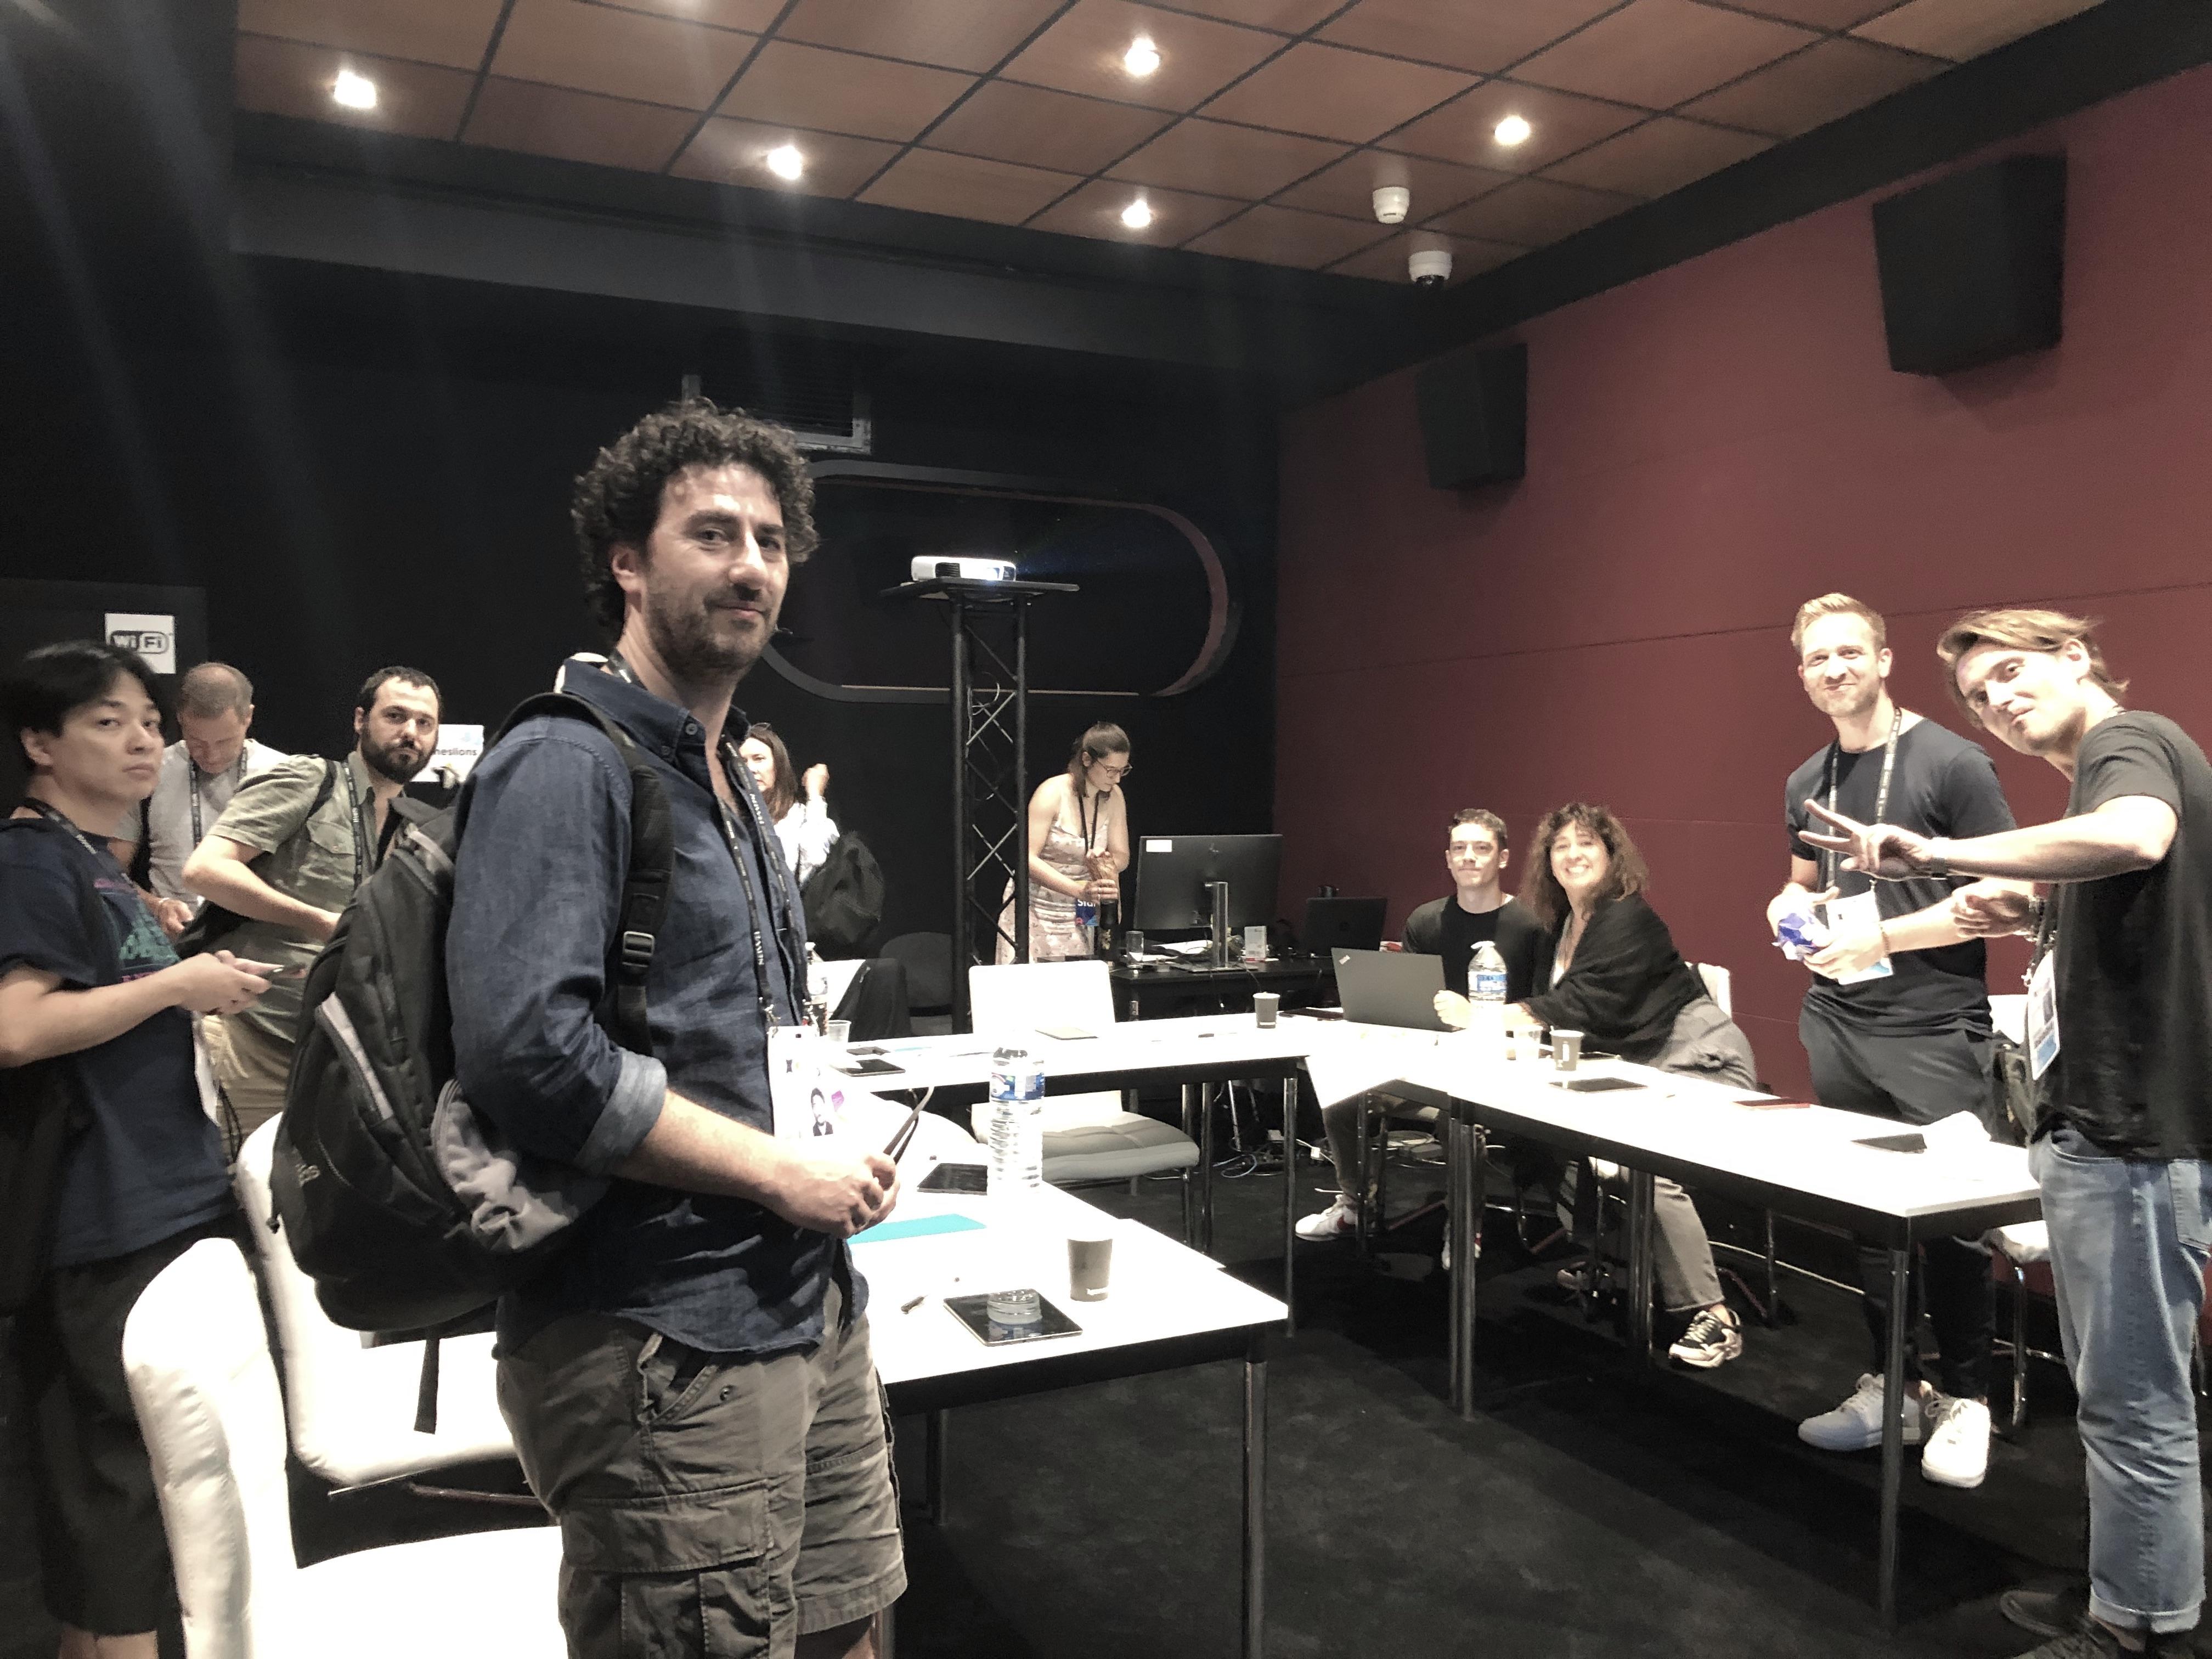 Julian Schreiber's Cannes Diary #2